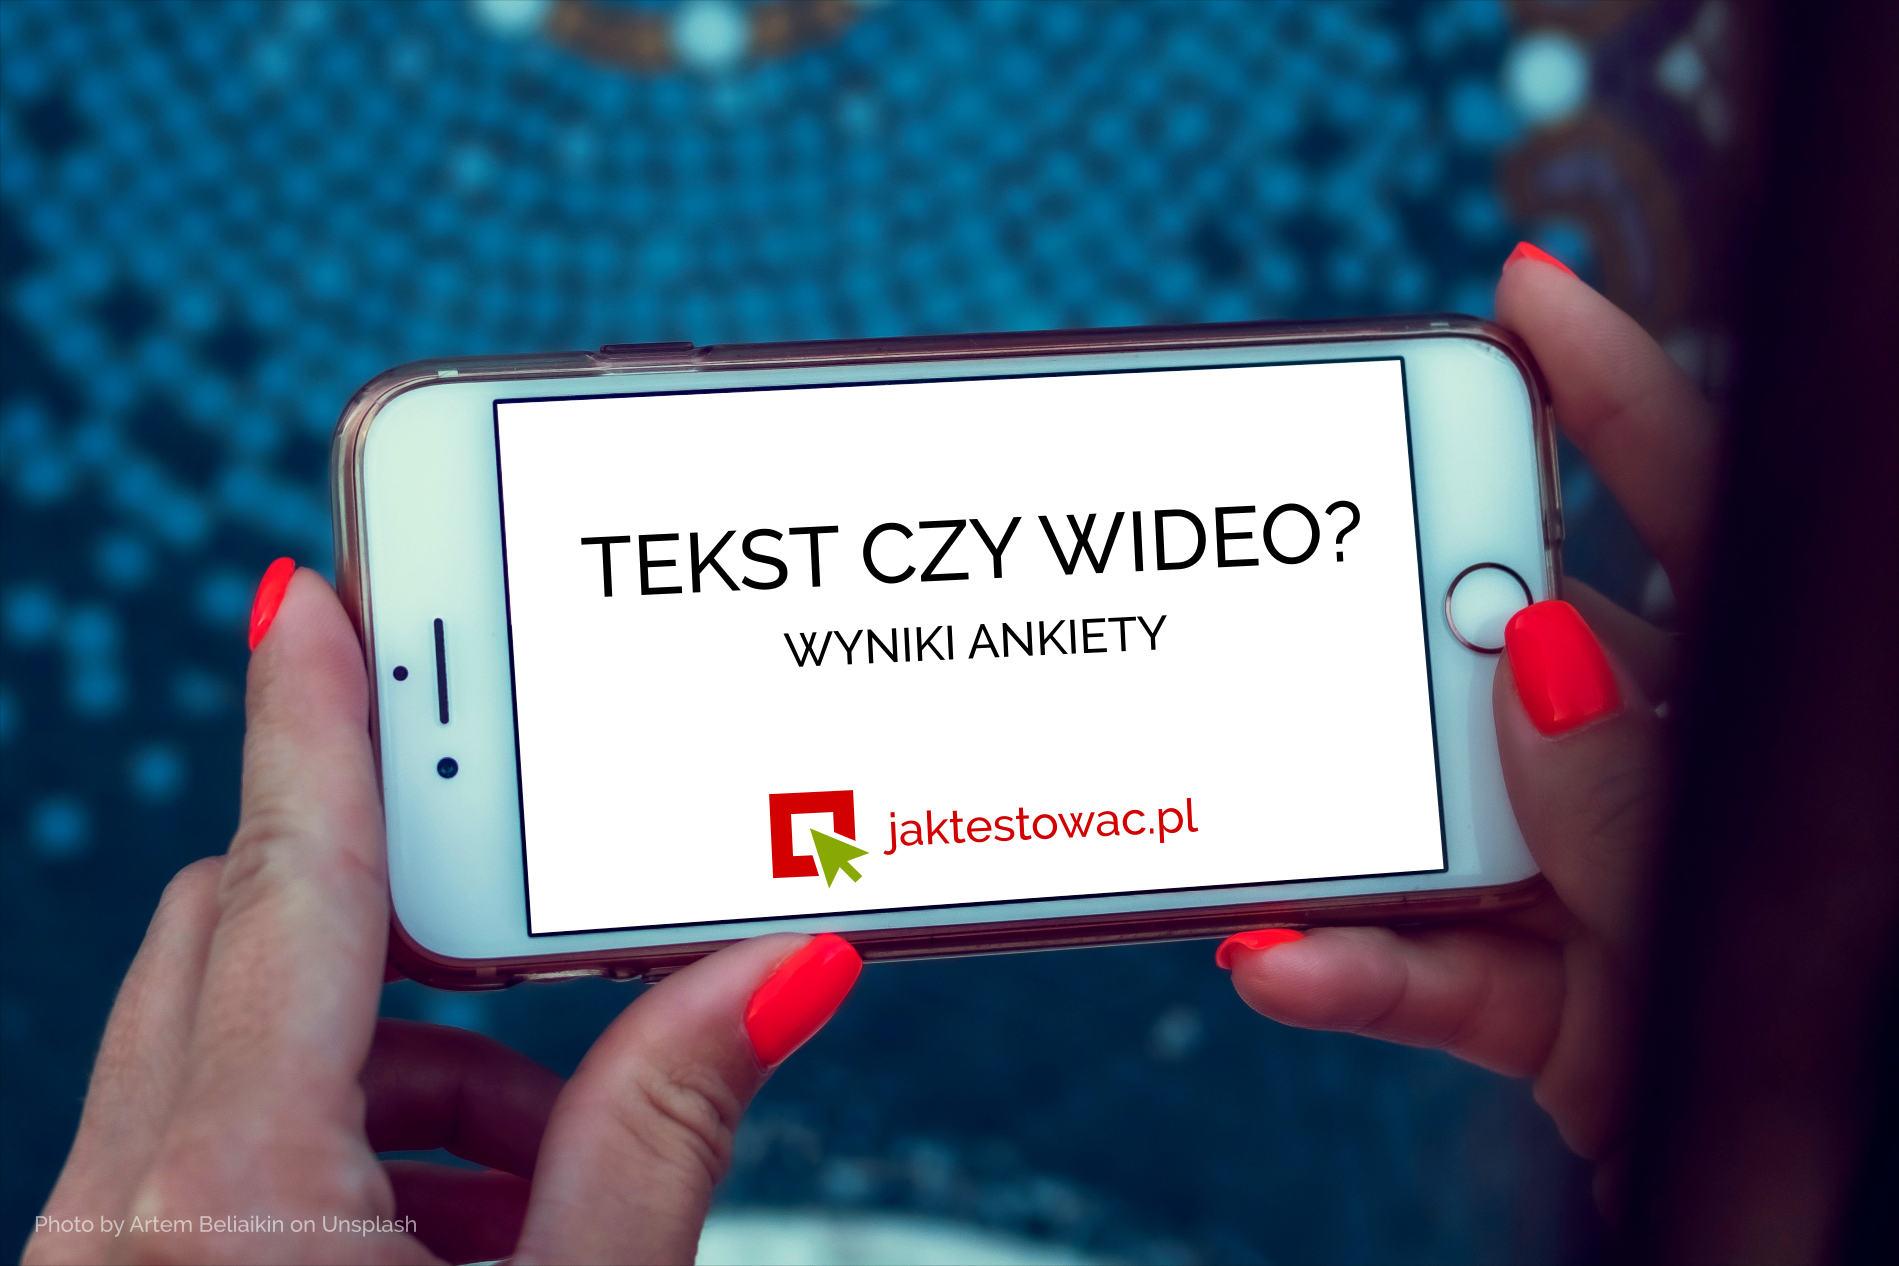 Tekst czy wideo?